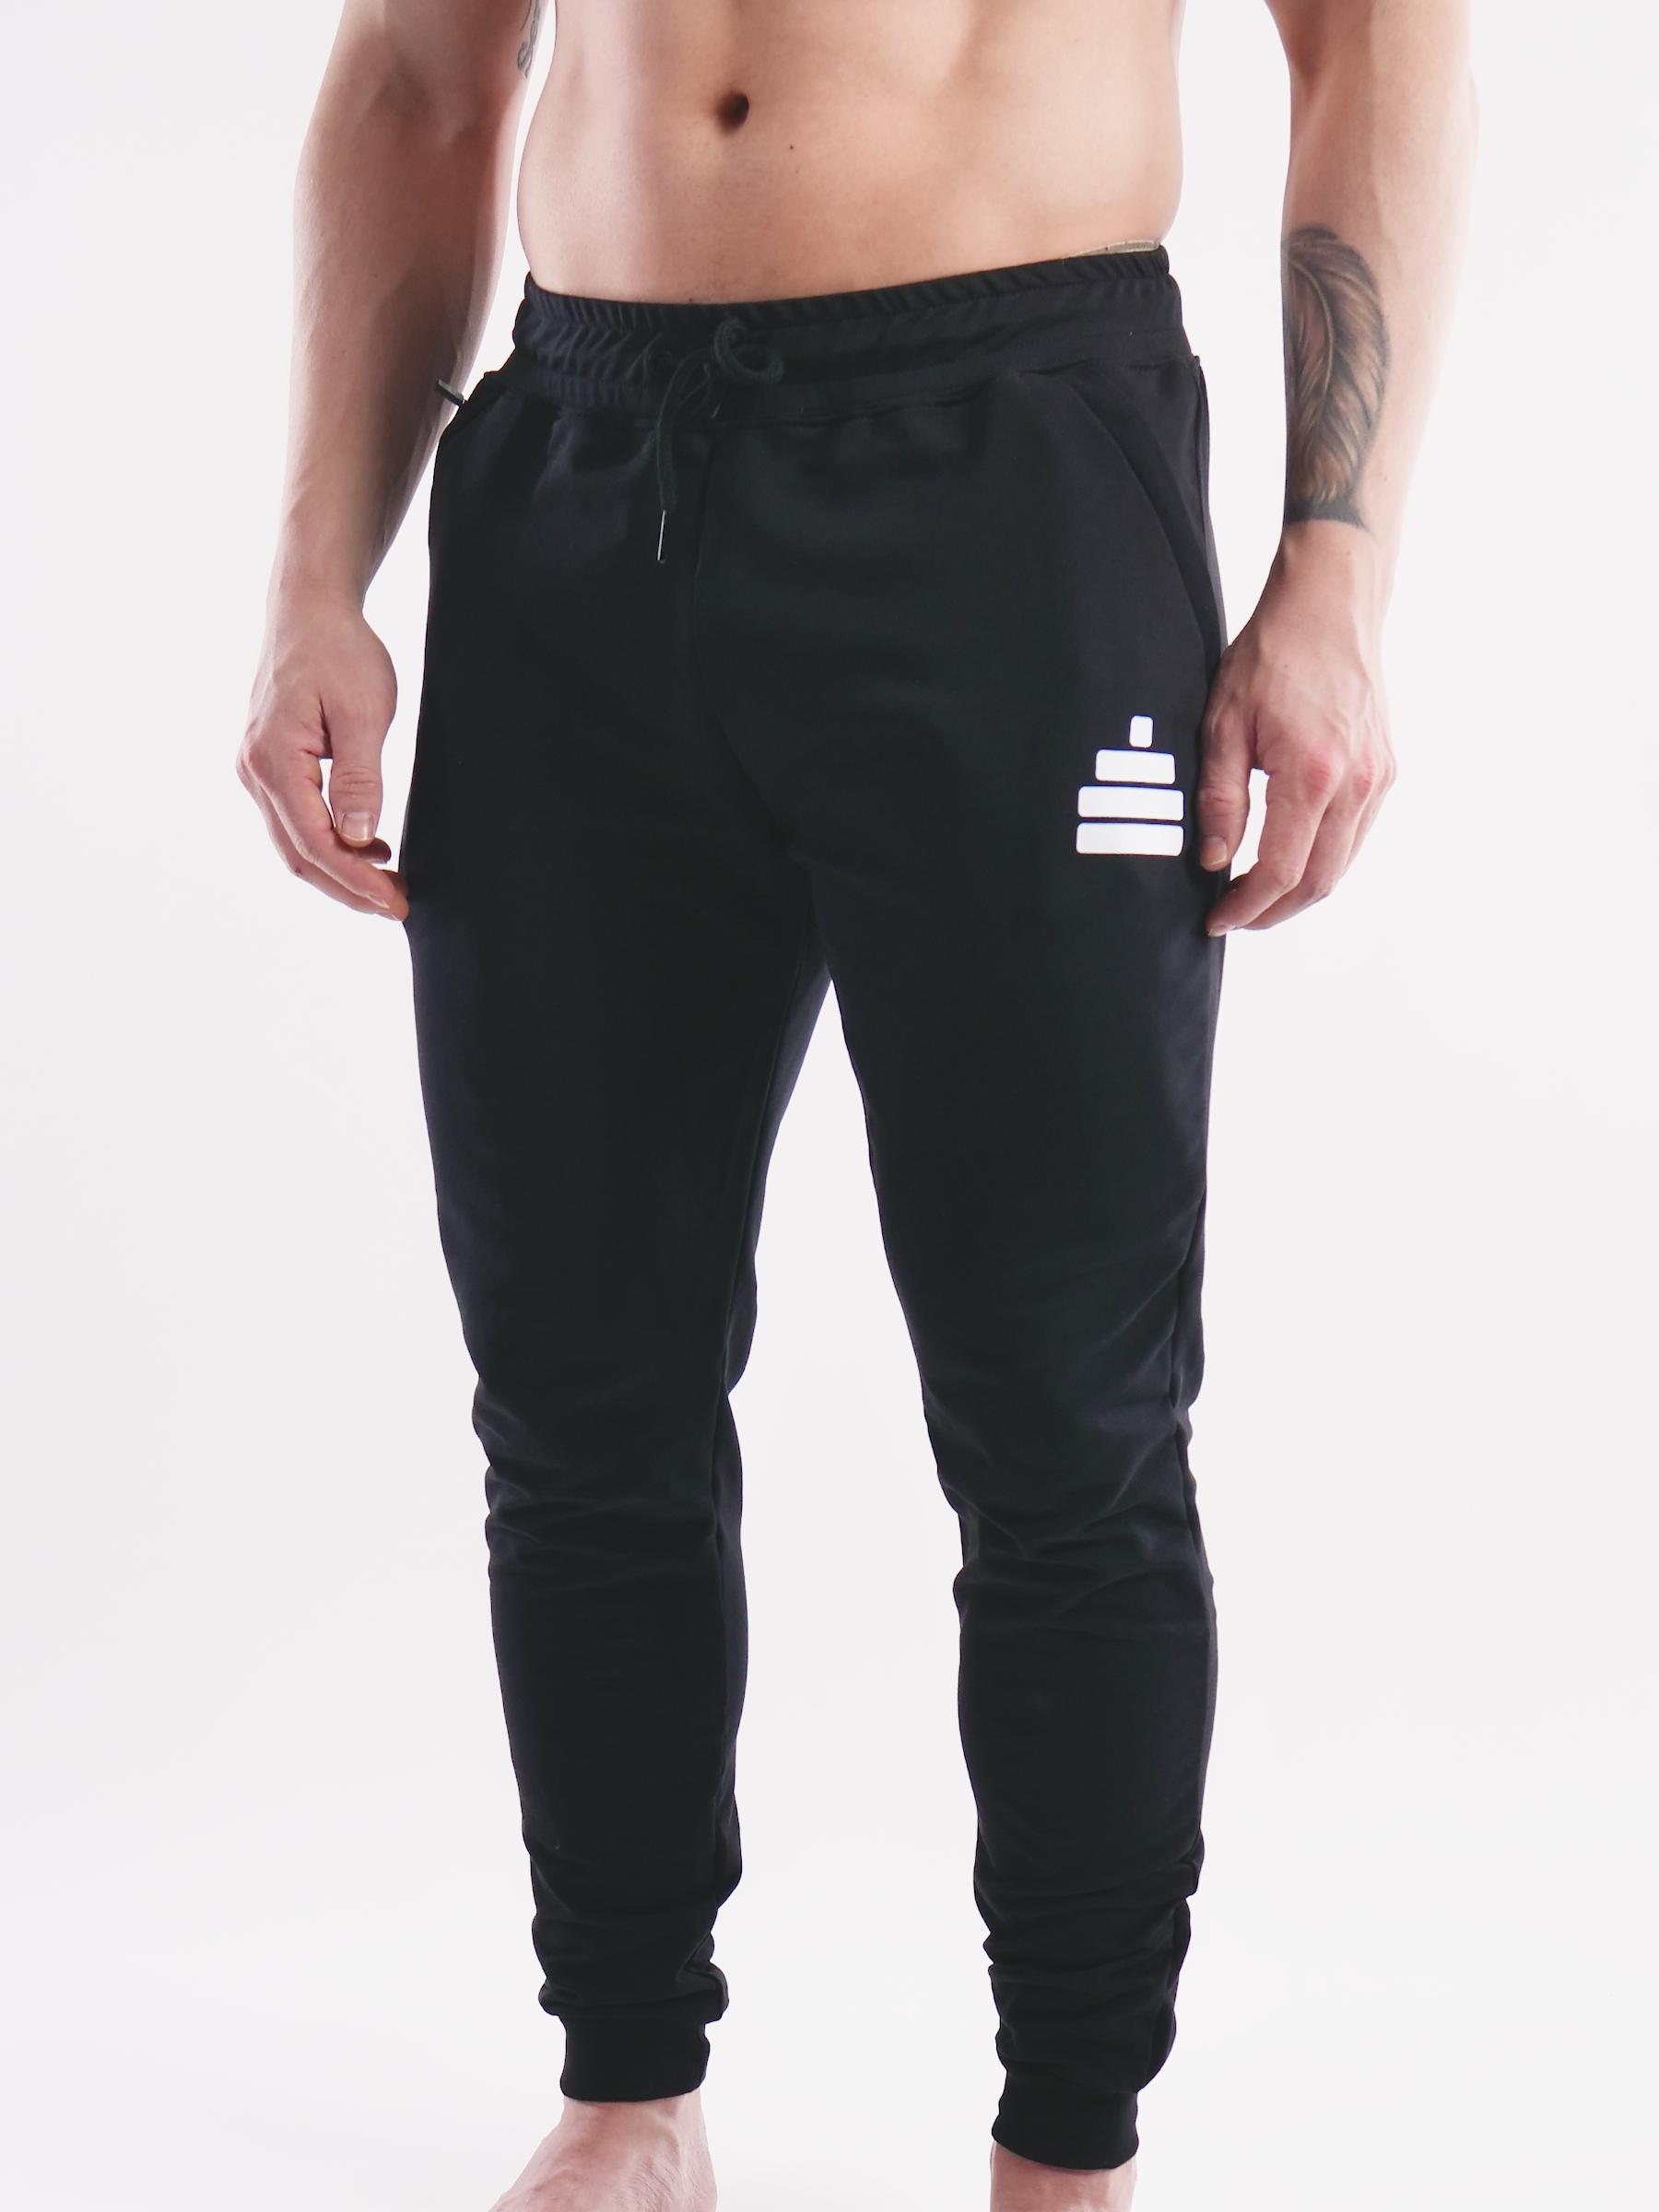 Sweatpants Work Mens Black